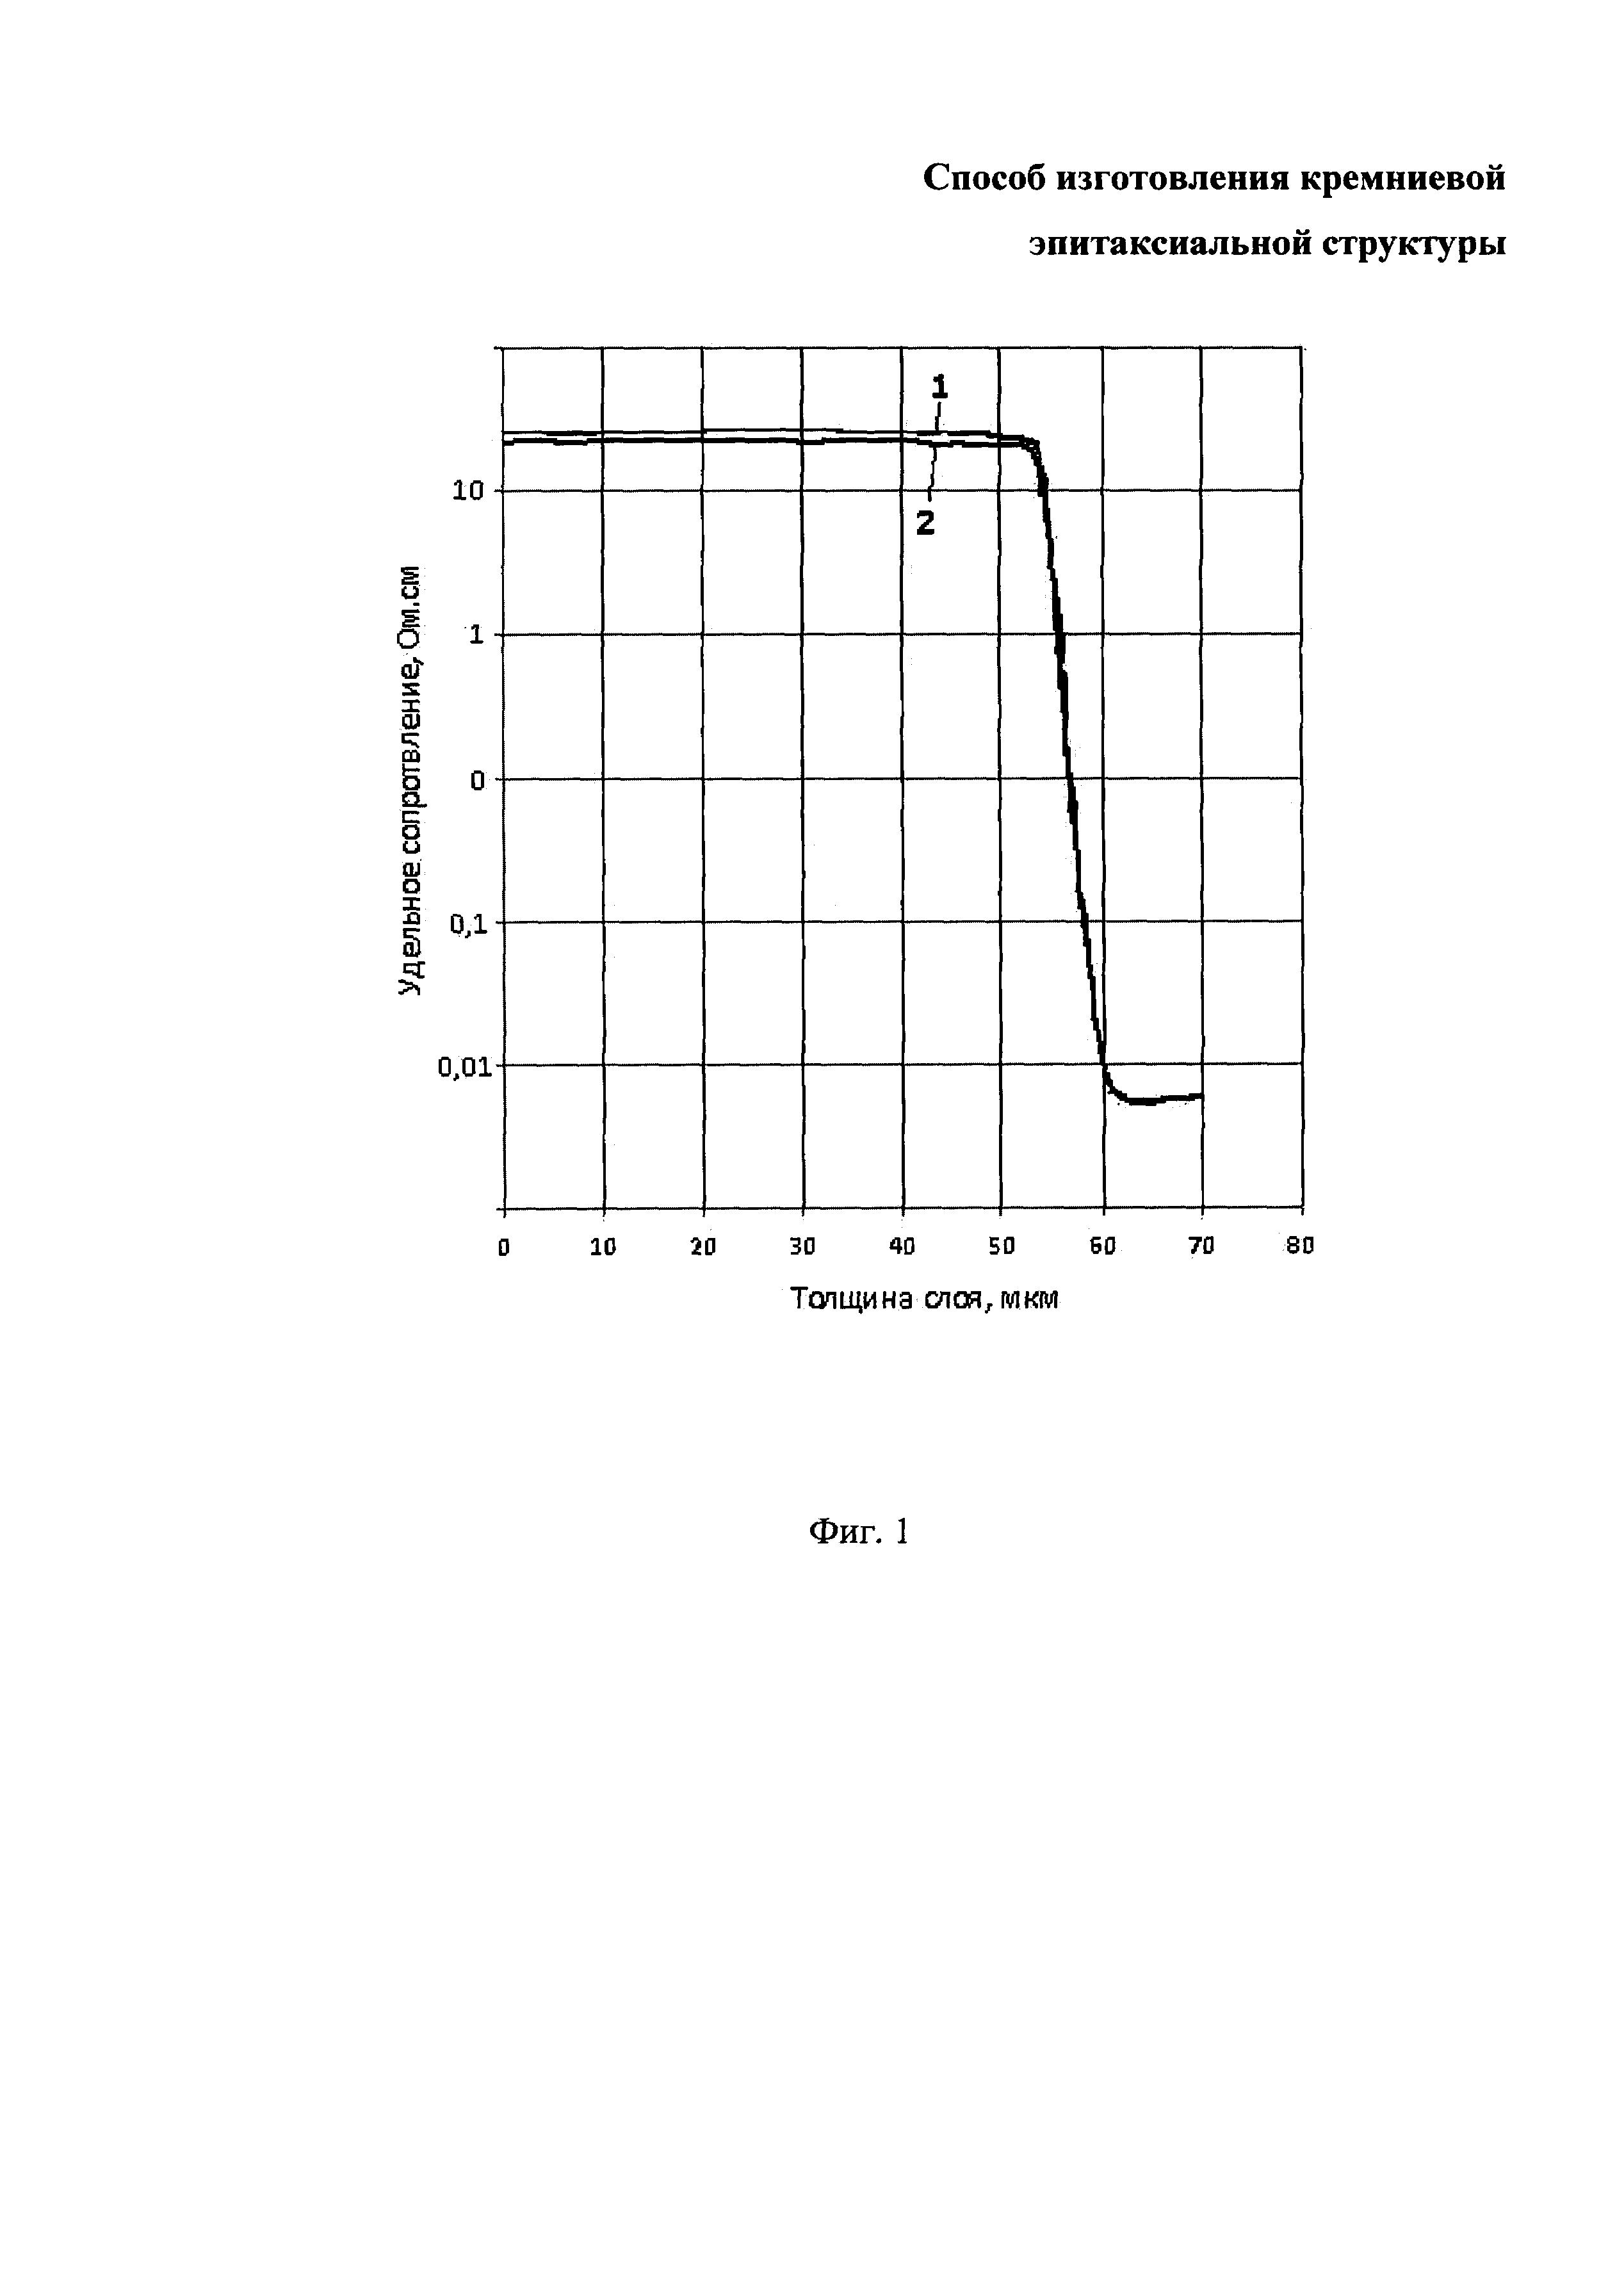 Способ изготовления кремниевой эпитаксиальной структуры